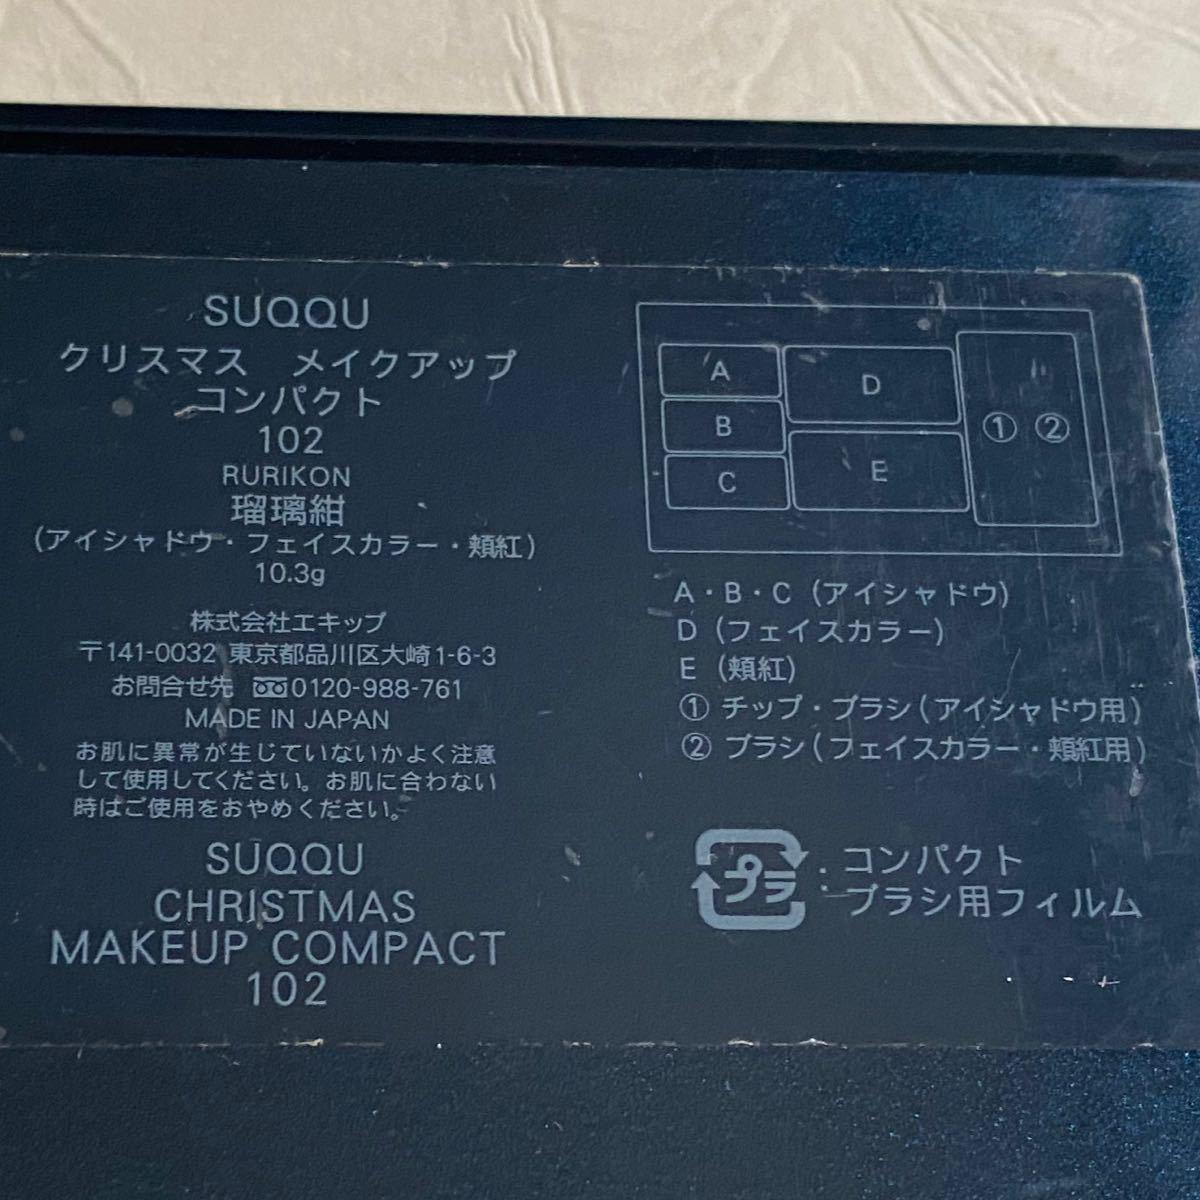 SUQQU クリスマス メイクアップ コンパクト102最終お値下げ